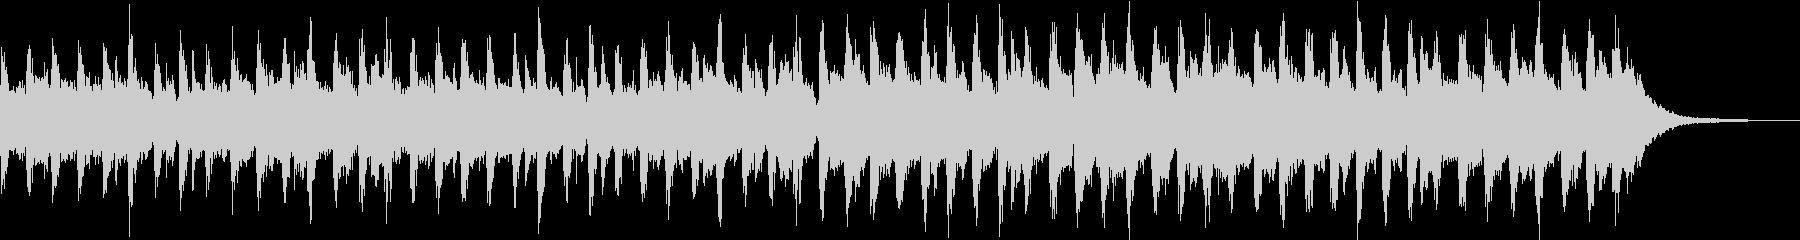 ヴァイオリン・マリンバ/コミカルジングルの未再生の波形